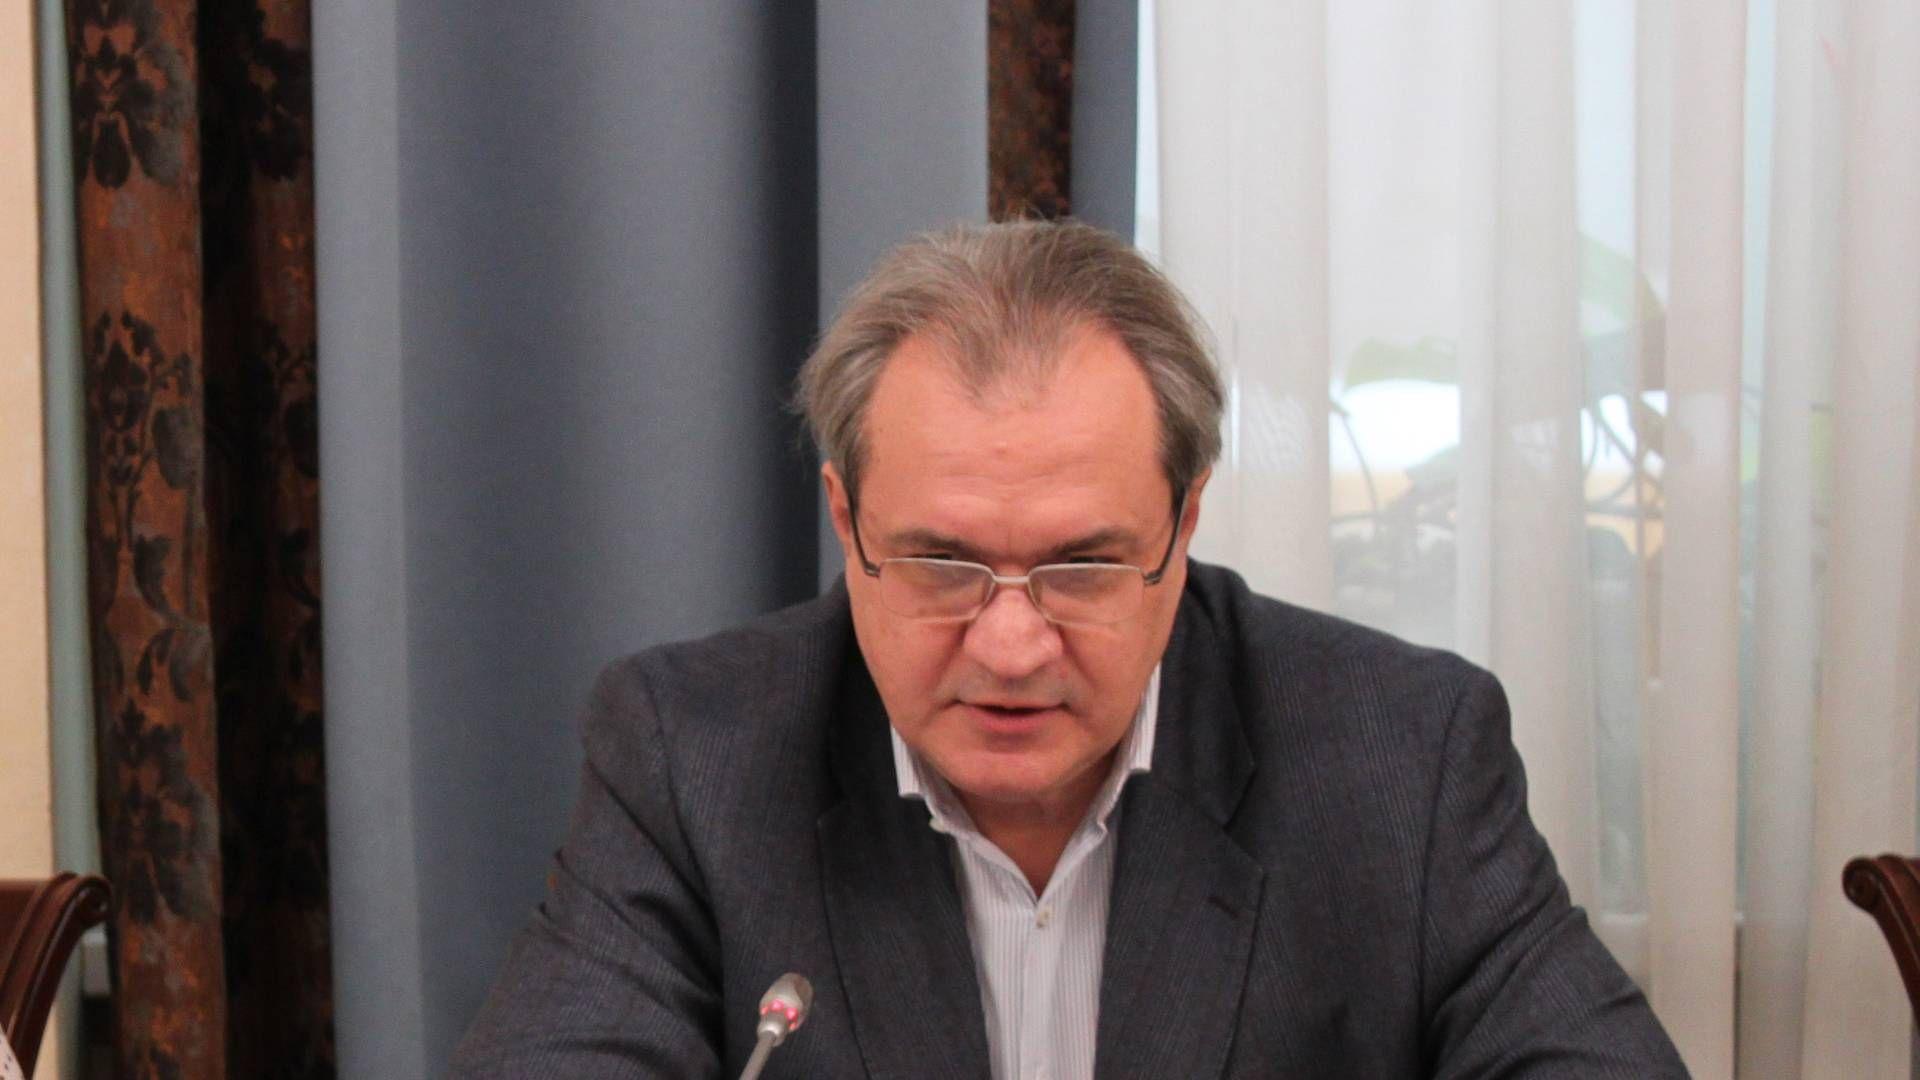 Валерий Фадеев - секретарь Общественной палаты РФ